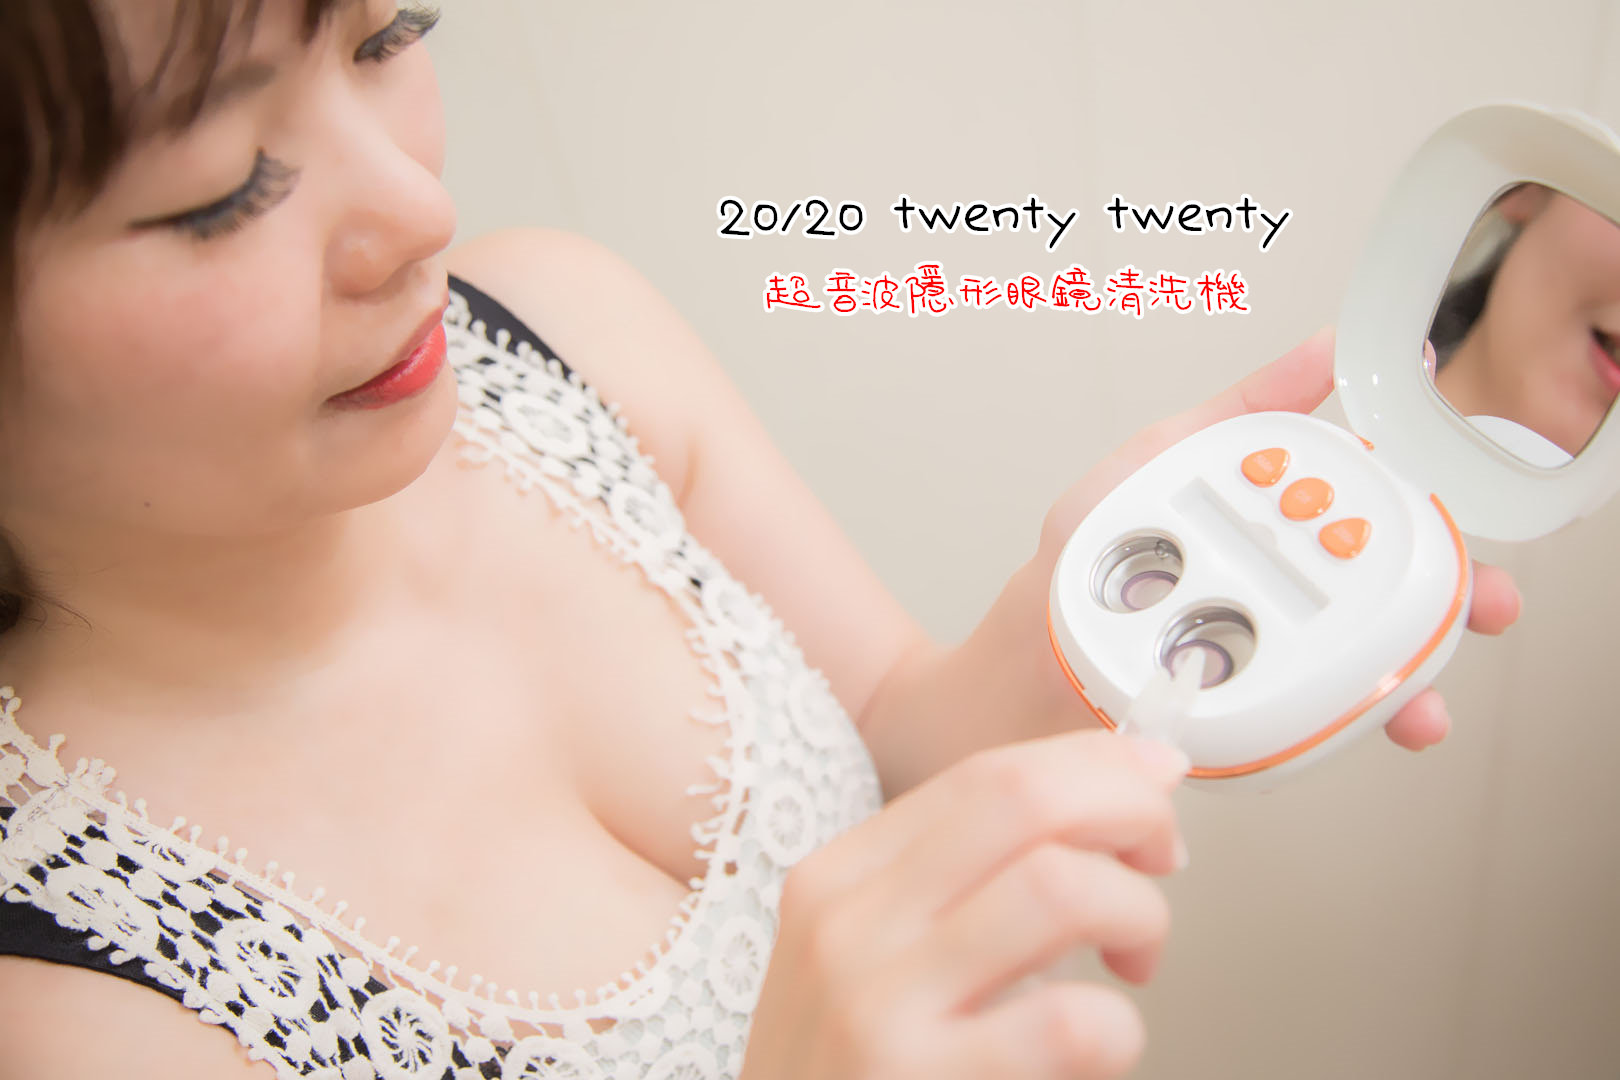 [3C家電]清洗隱形眼鏡只要兩分鐘!?超美型時尚隱形眼鏡清洗器!20/20 twenty twenty 超音波隱形眼鏡清洗機